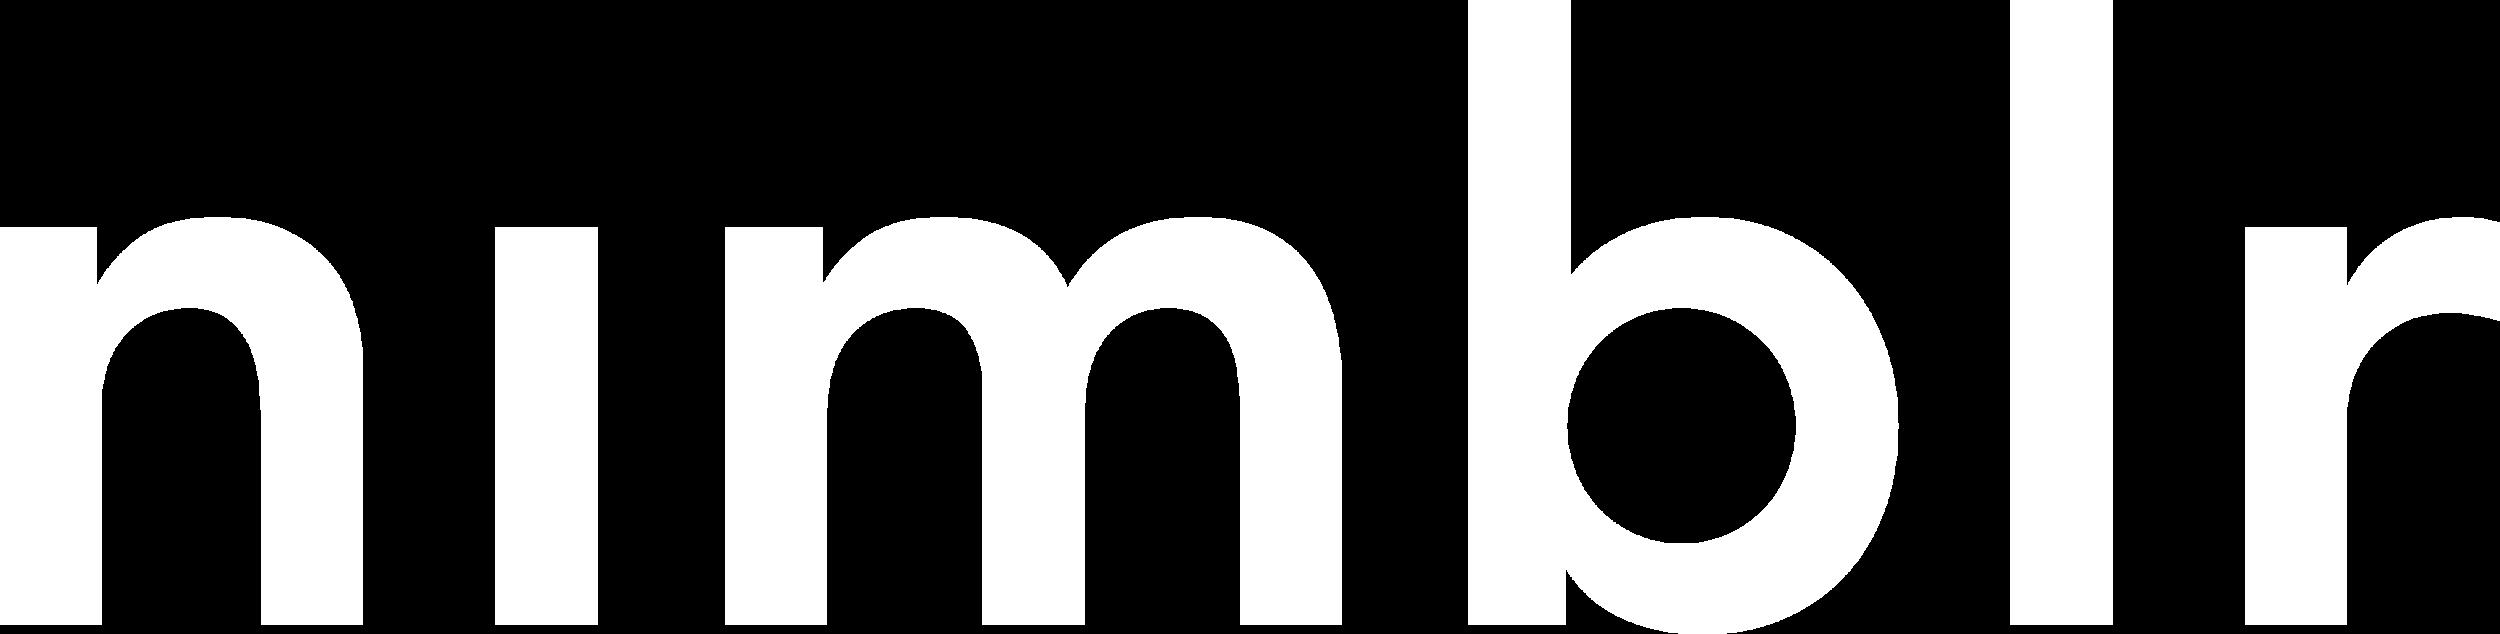 white logo@4x.png